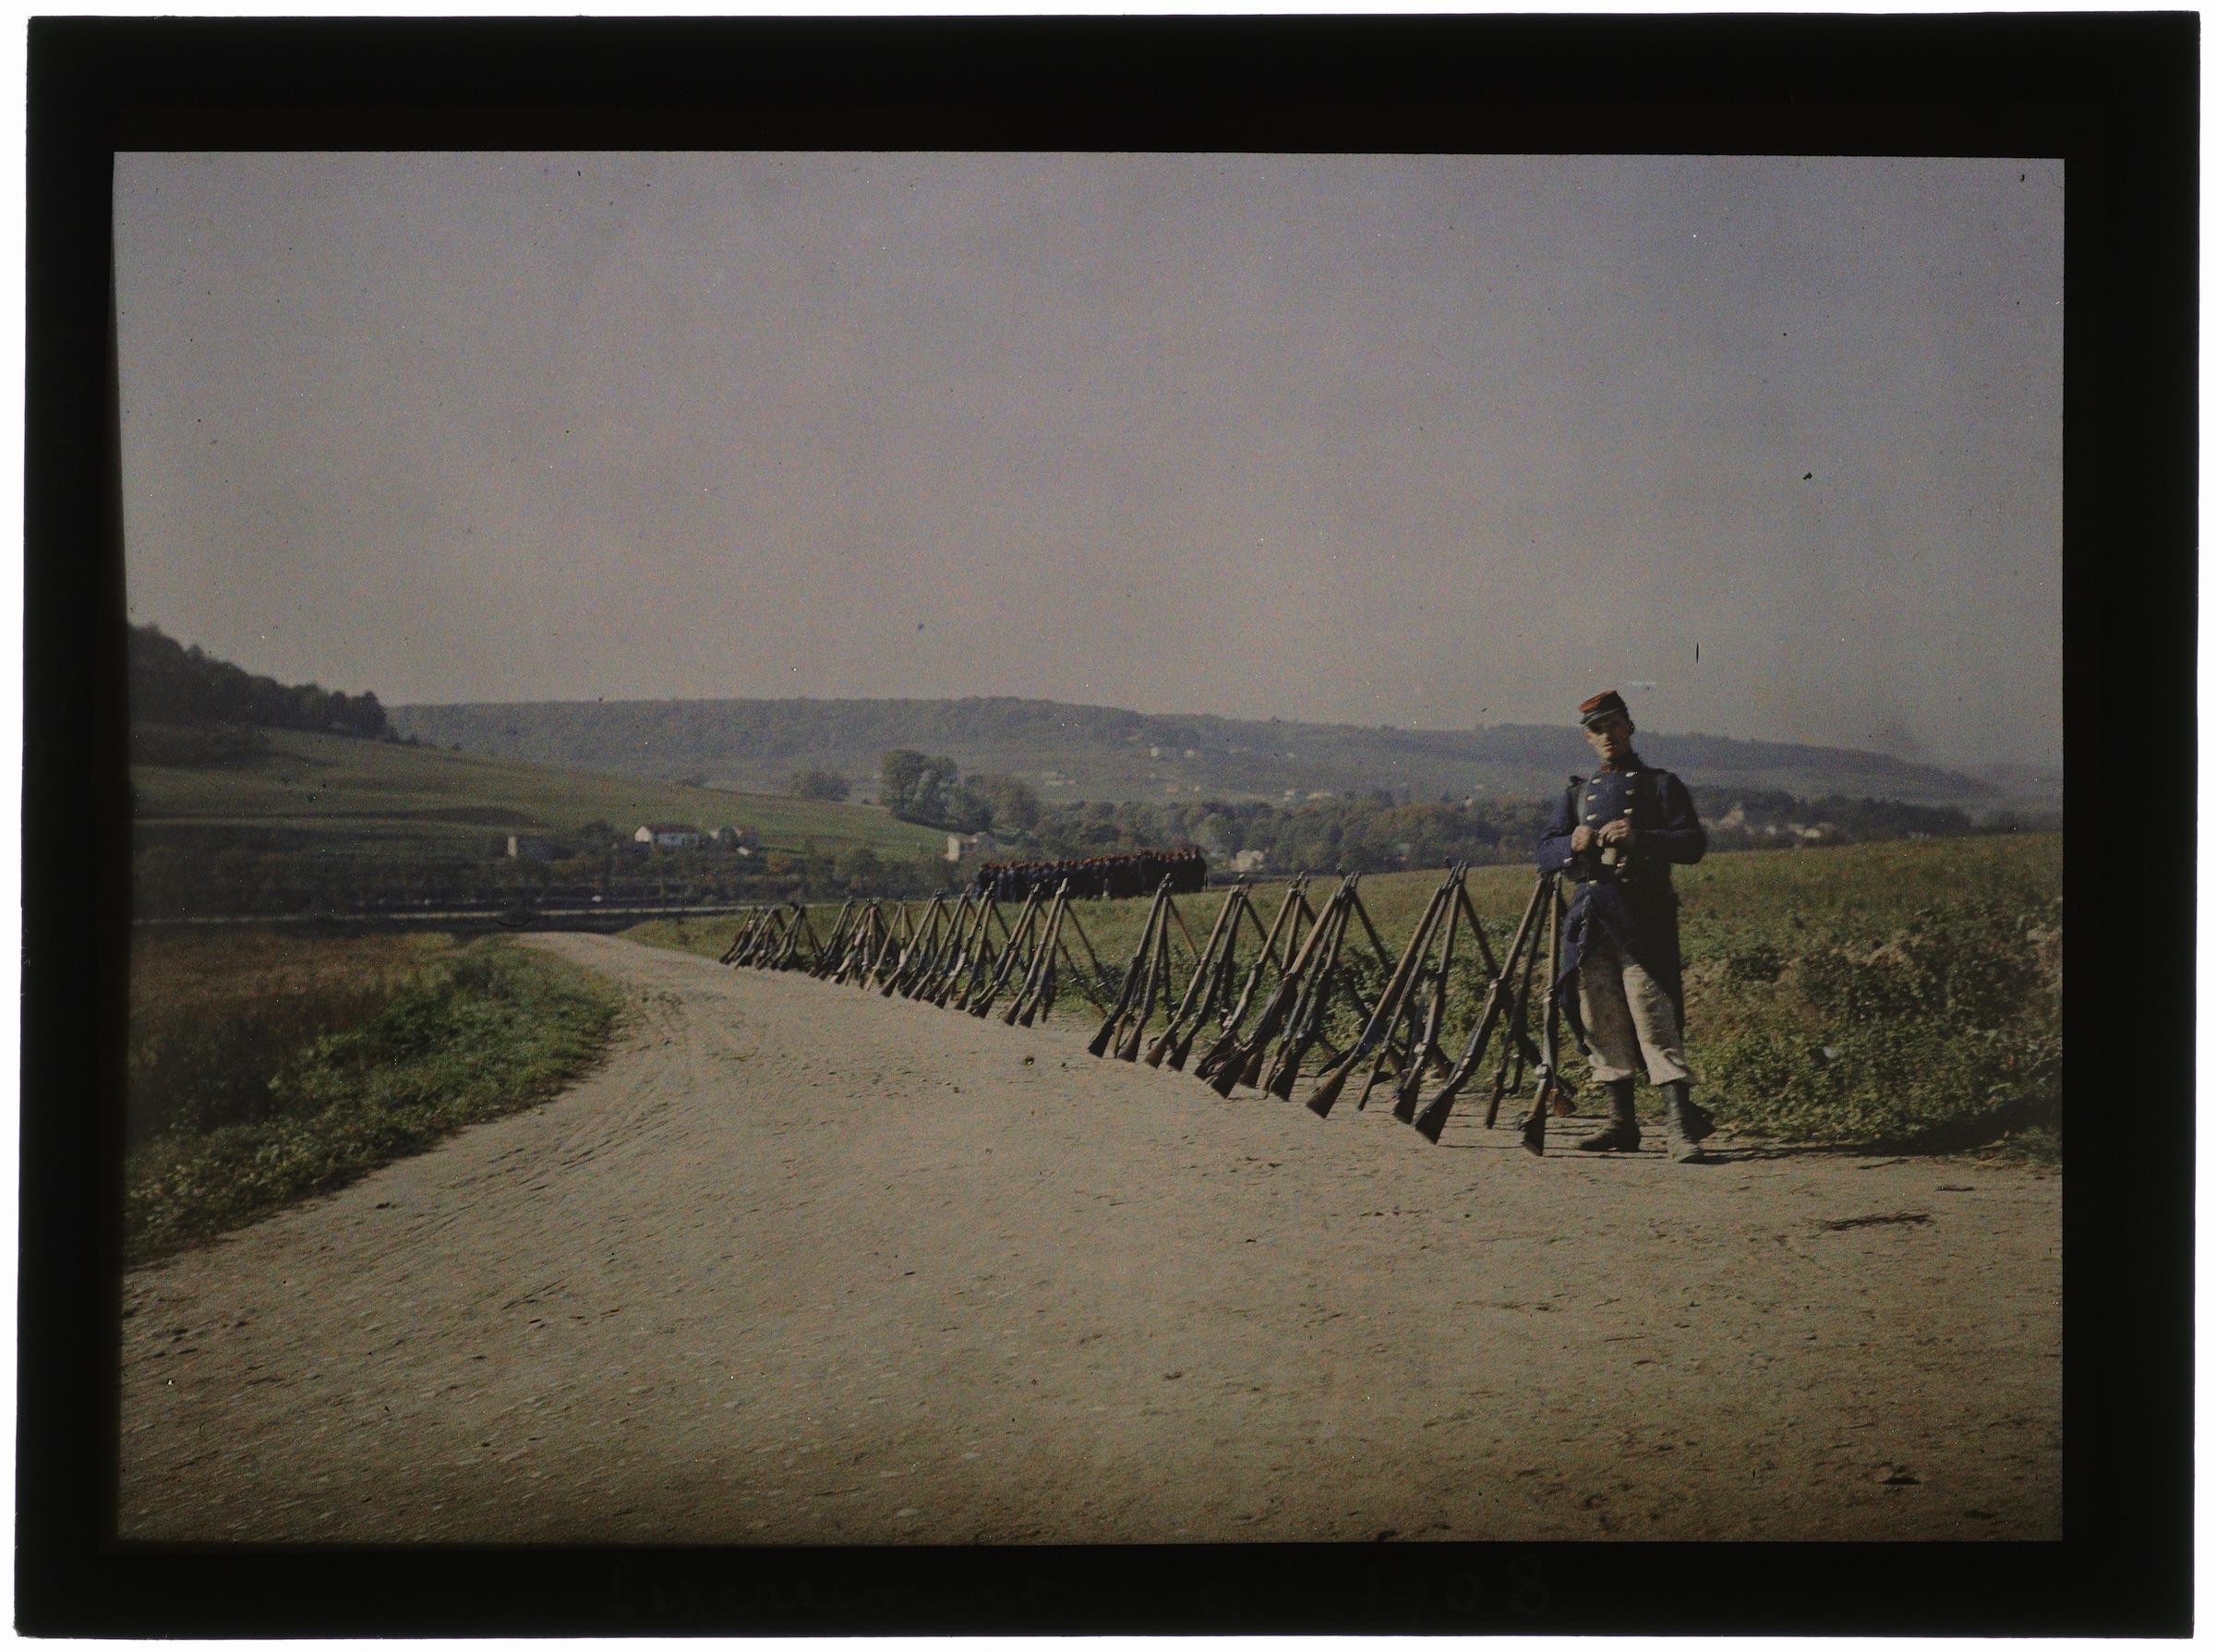 Soldat de garde devant les fusils en faisceaux